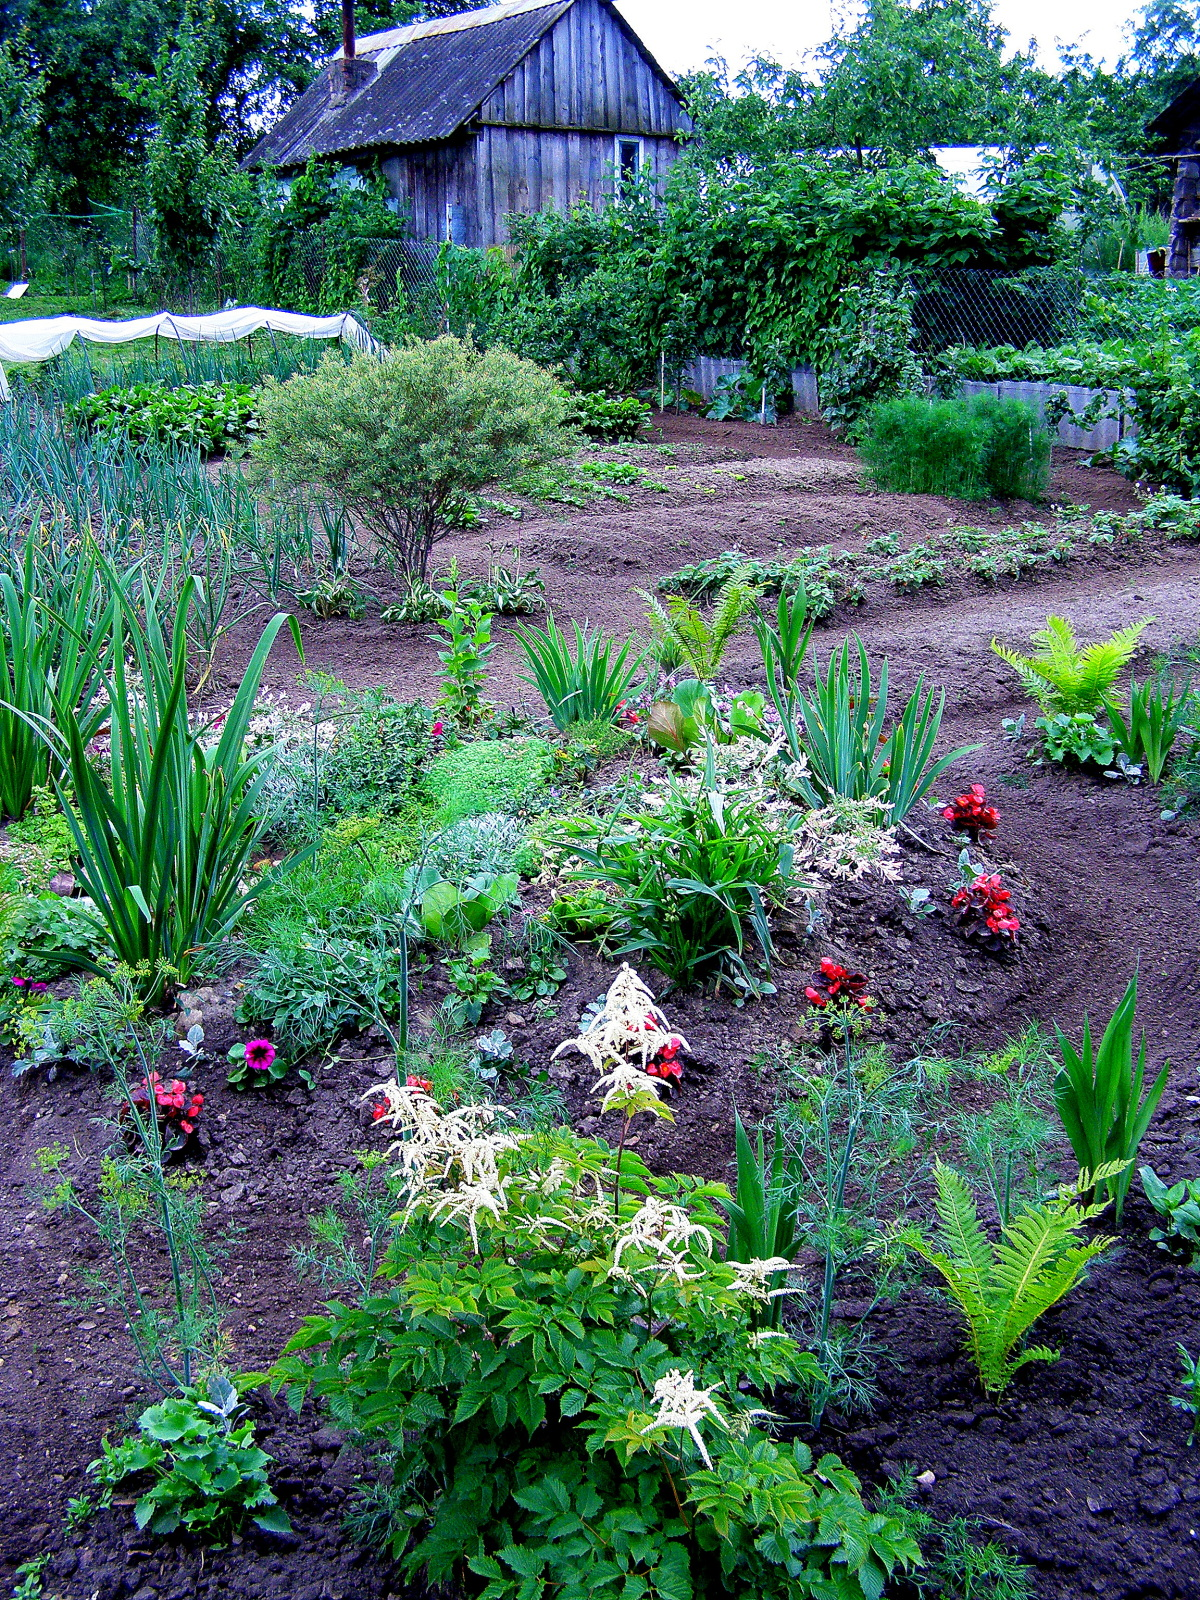 доставка цветник в саду и огороде фото некоторых случаях